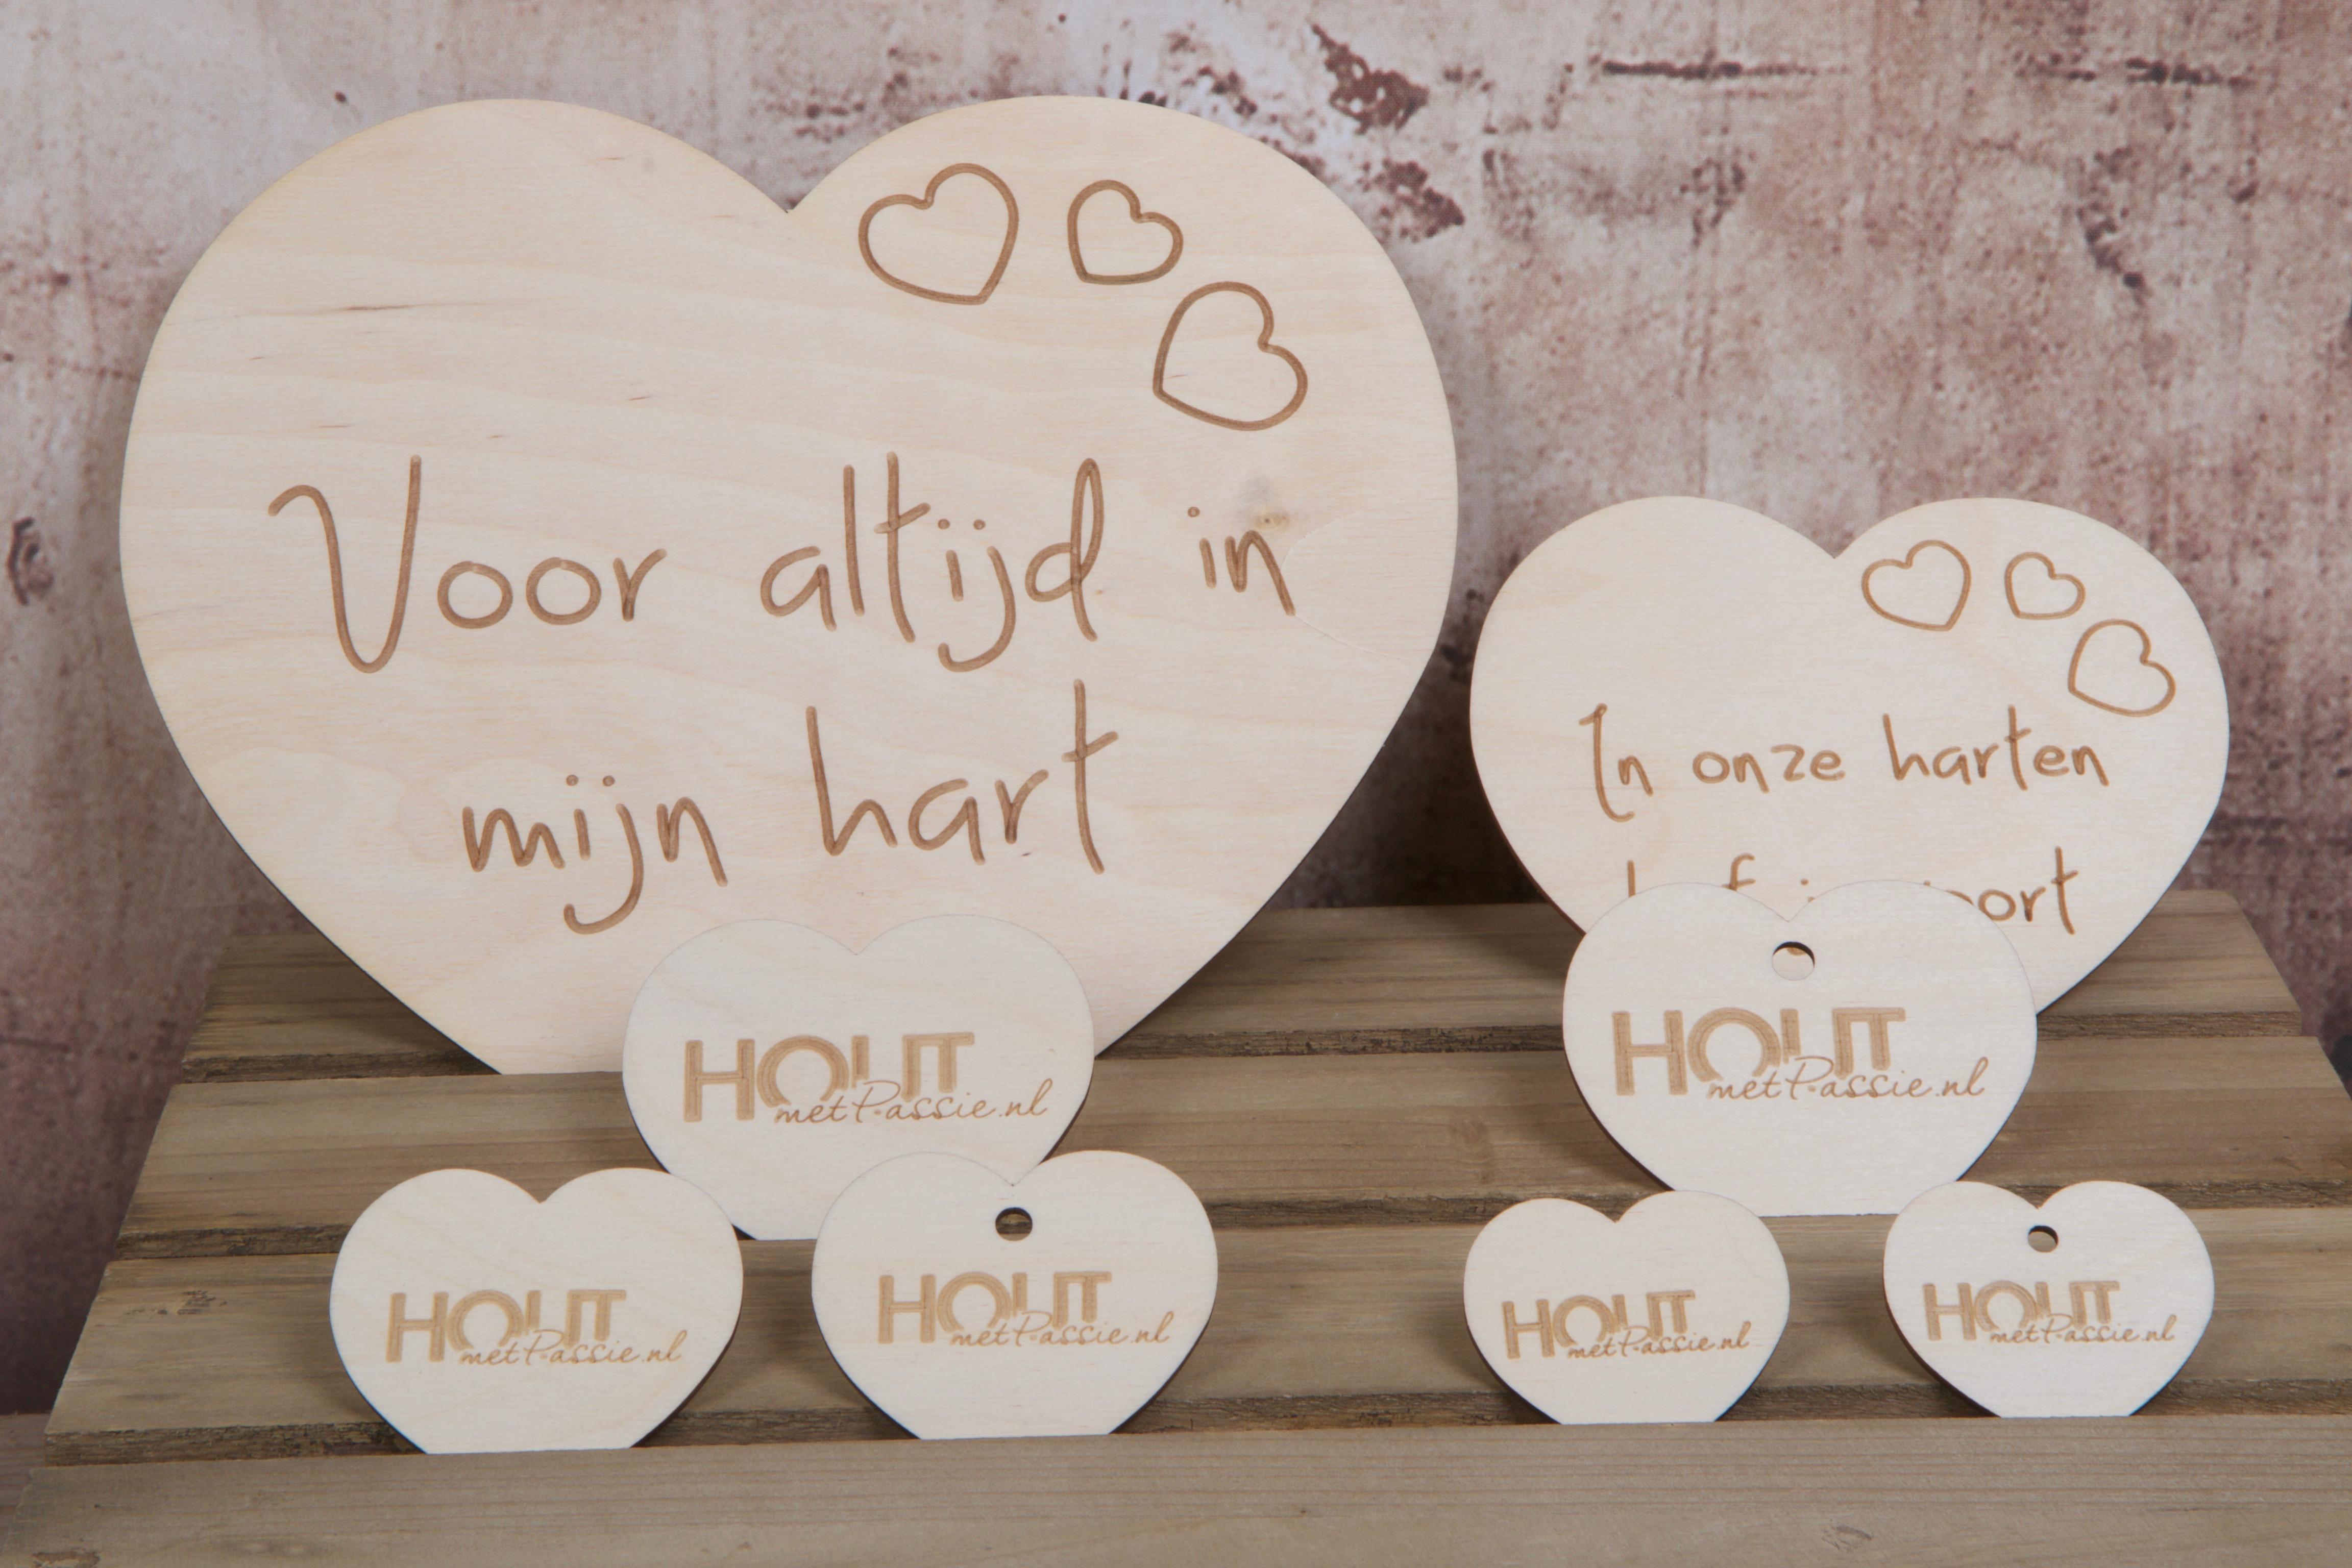 houtmetpassie-uitvaartbegeleiding-condoleance-gedenken-nazorg-Heemstede-boeken-opengeslagen-12